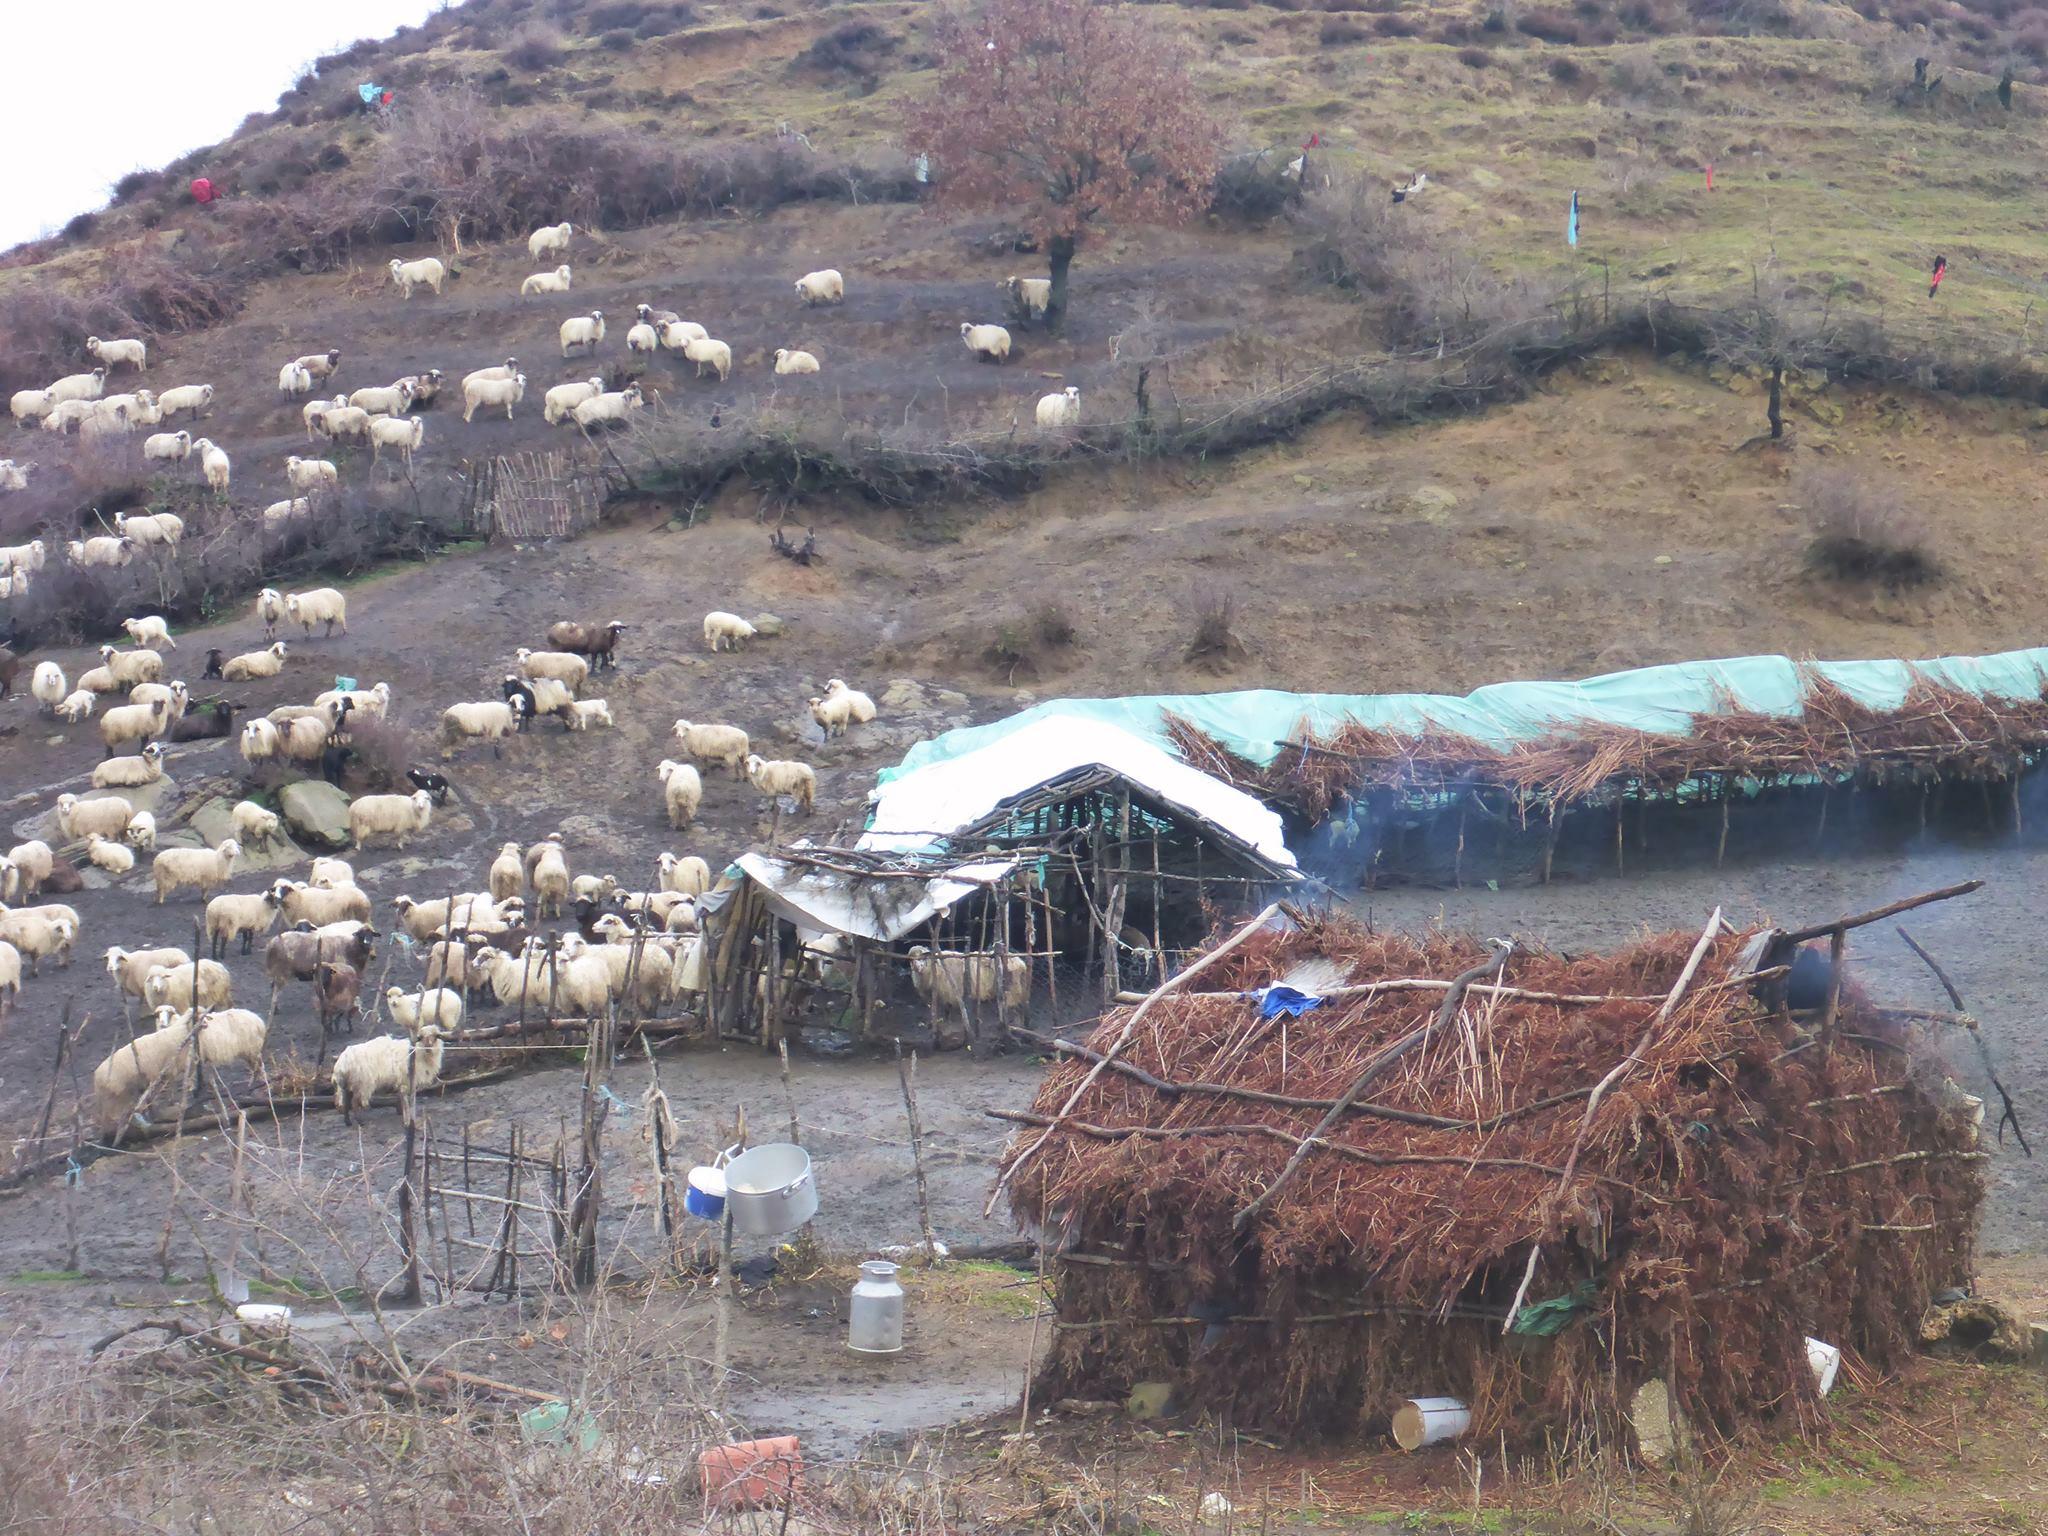 Une de leurs cabanes dans lesquels nous surprenons un hommes et sa femme se réveillant tout juste